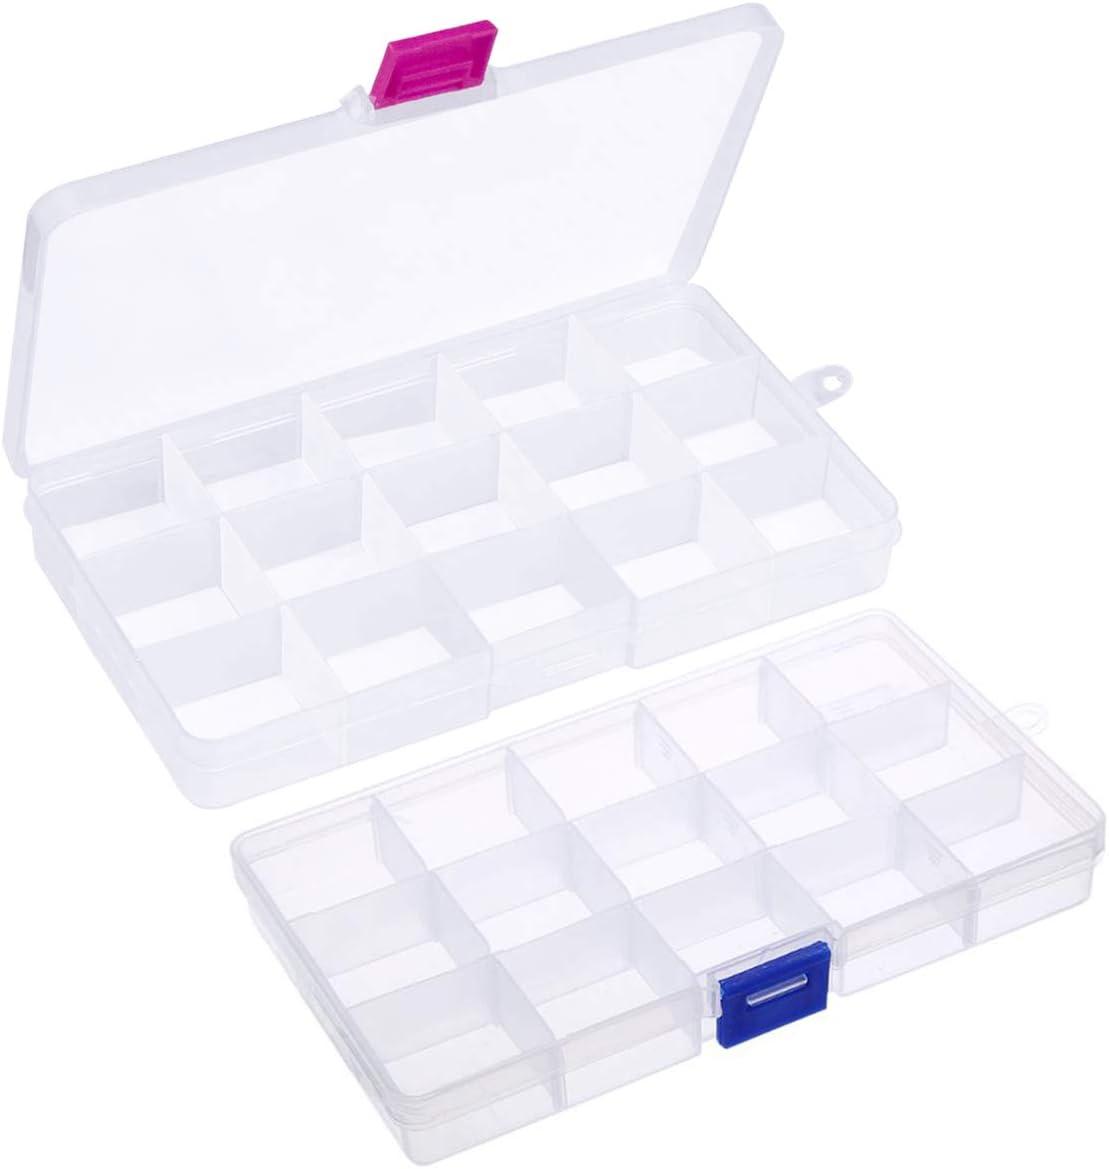 Fodlon Caja Almacenaje Plastico Transparente 2piezas Caja Organizadora Compartimentos Organizador de Pendientes Pequeños Cajas Clasificadoras Cajas con Separadores para Costura Accesorios Tornillos: Amazon.es: Hogar